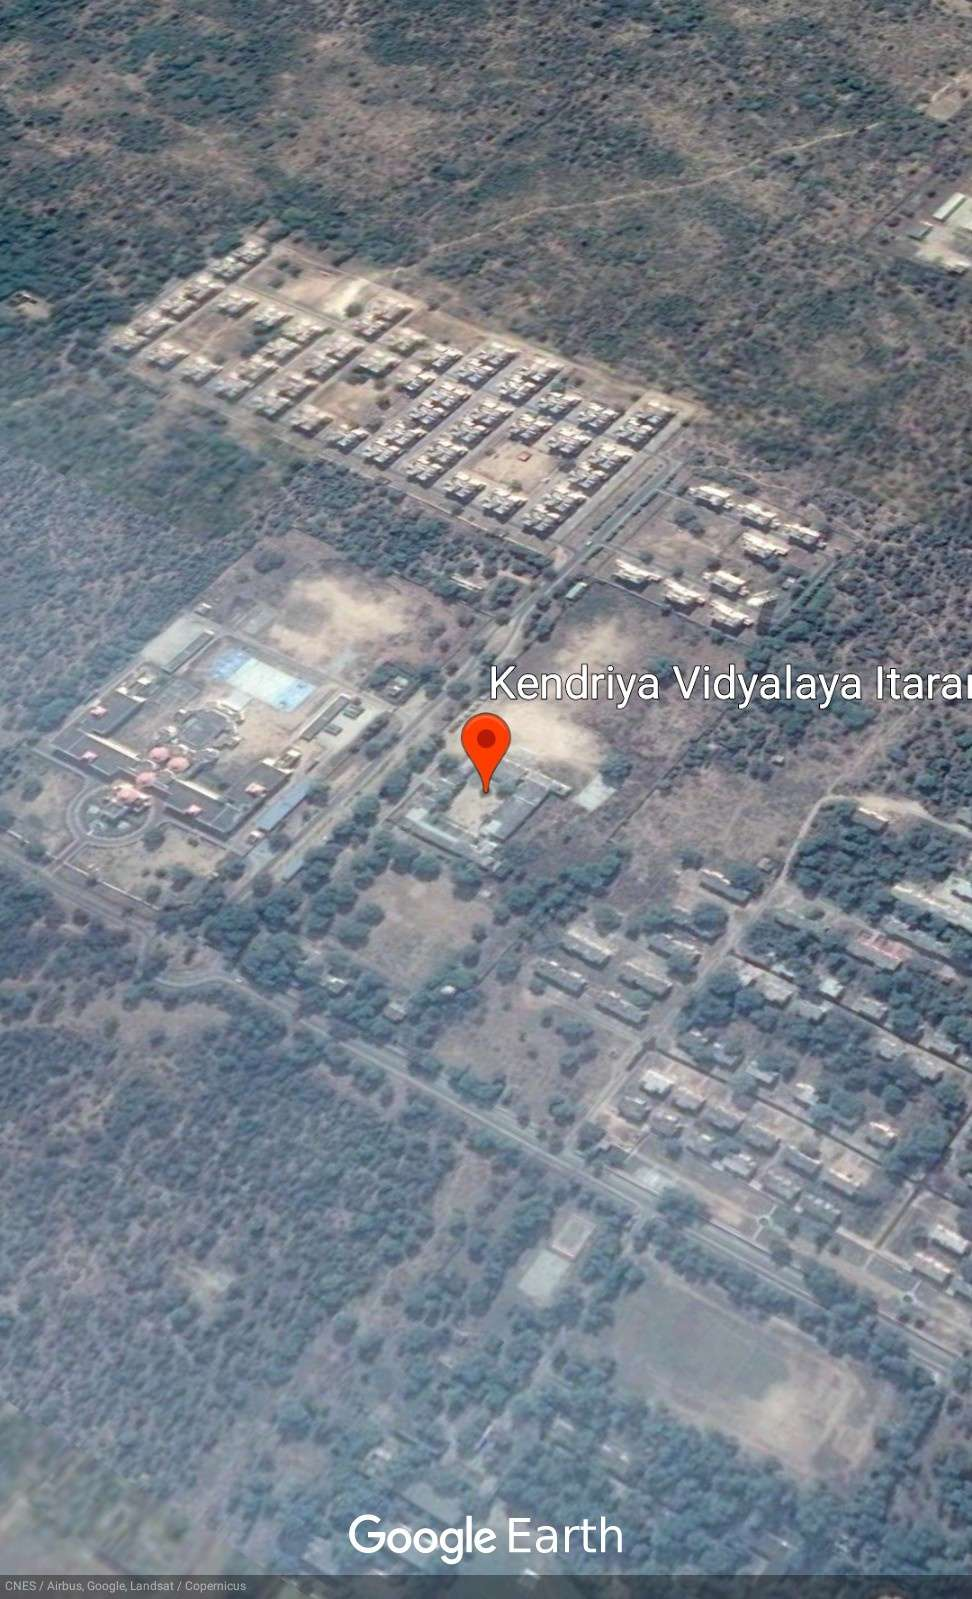 KENDRIYA VIDYALAYA ARMY CAMP ITARANA ALWAR RAJASTHAN 1700034